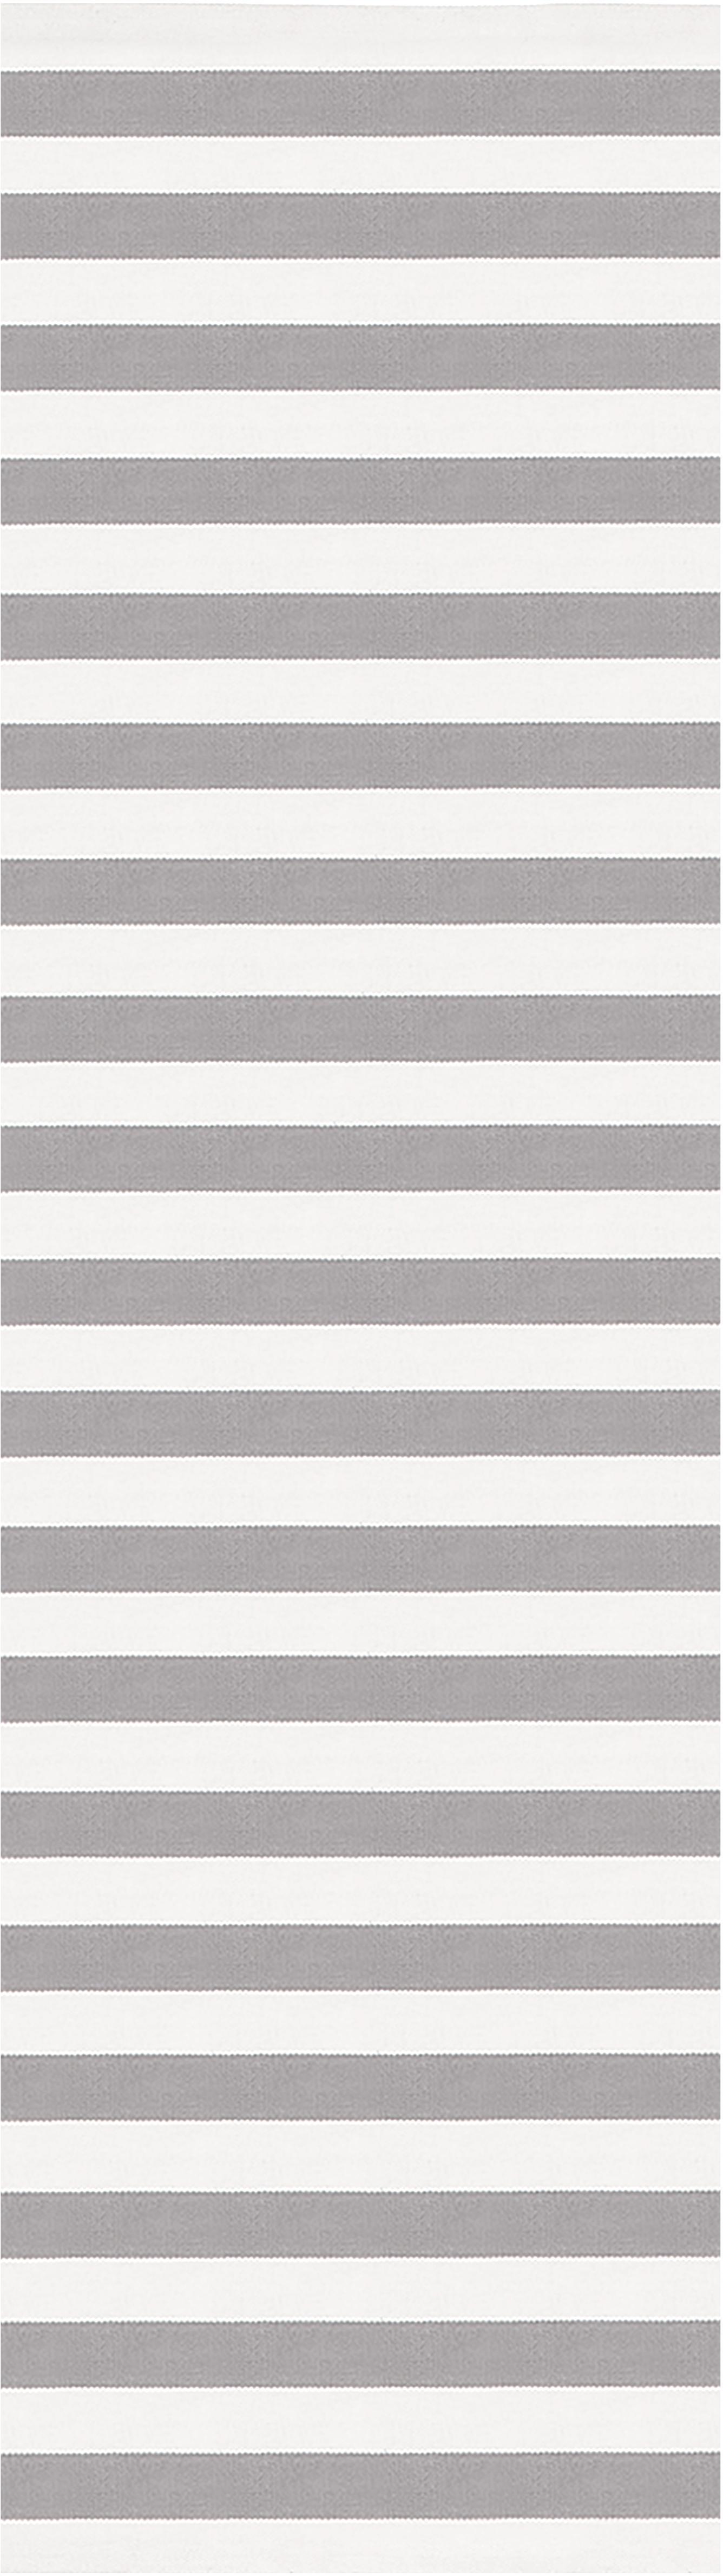 Passatoia in cotone tessuta a mano Blocker, Cotone, Bianco crema/grigio chiaro, Larg. 70 x Lung. 250 cm